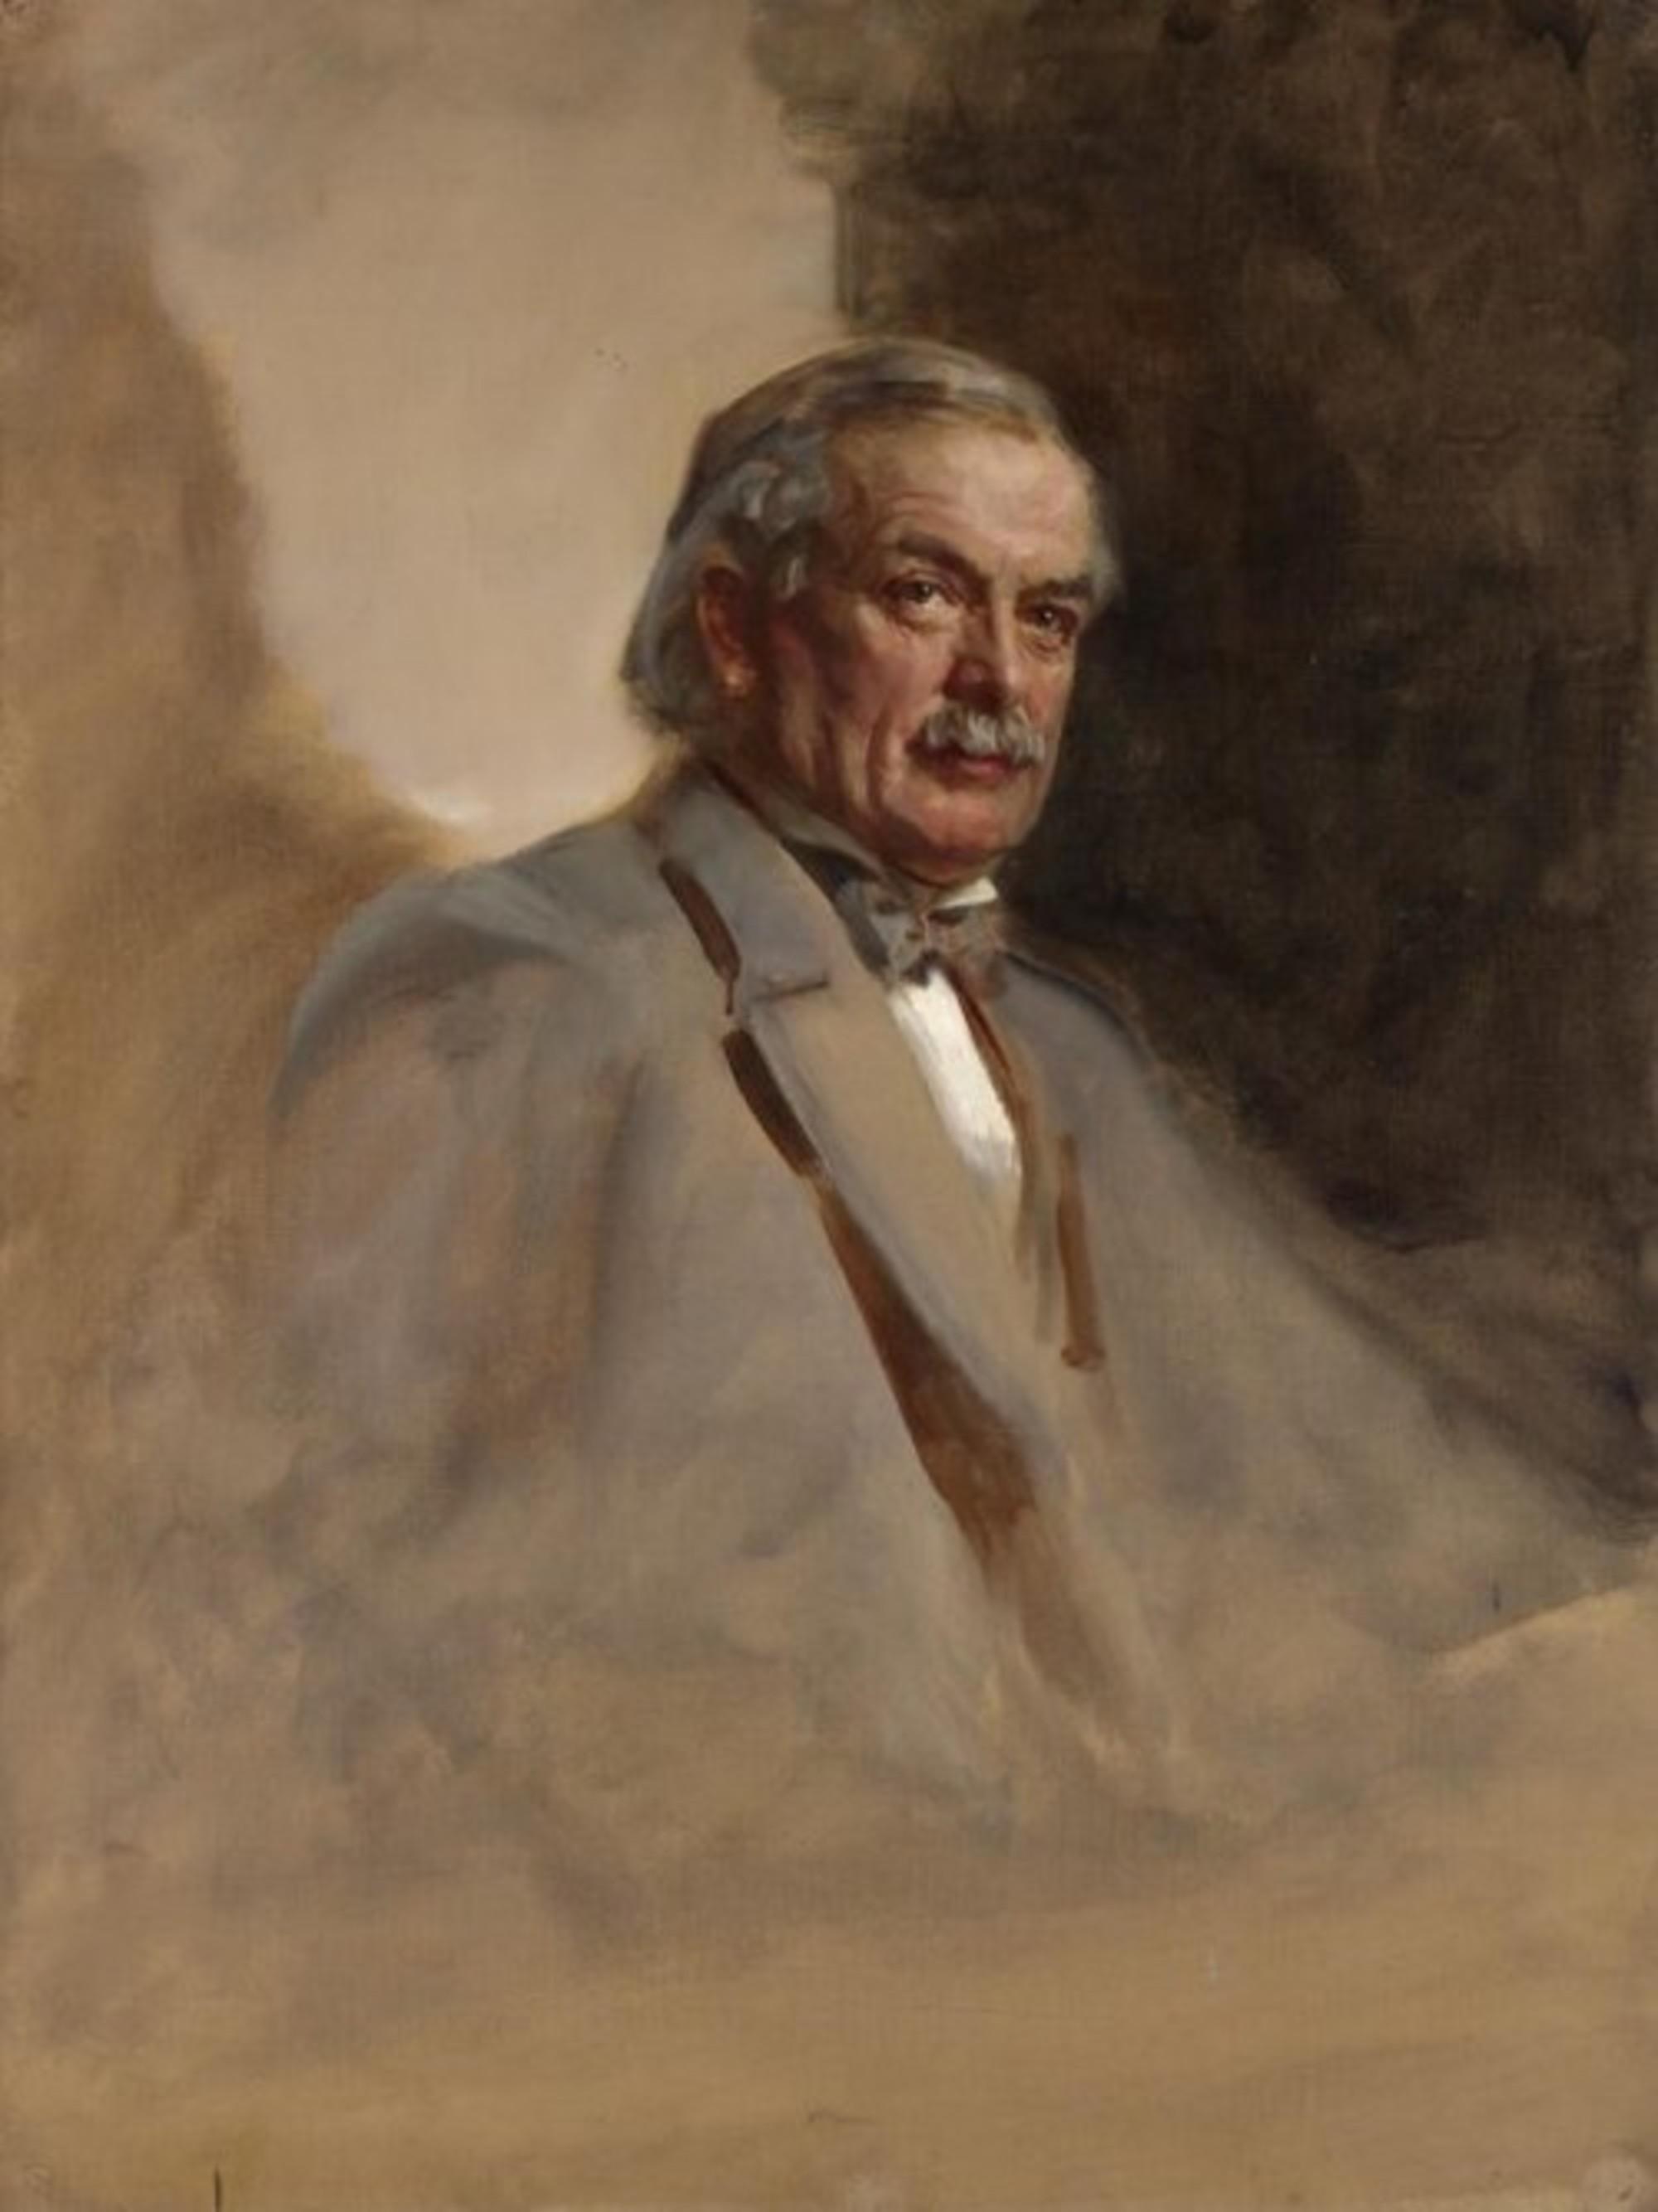 David-Lloyd-George-1st-Earl-Lloyd-George-of-Dwyfor.jpg